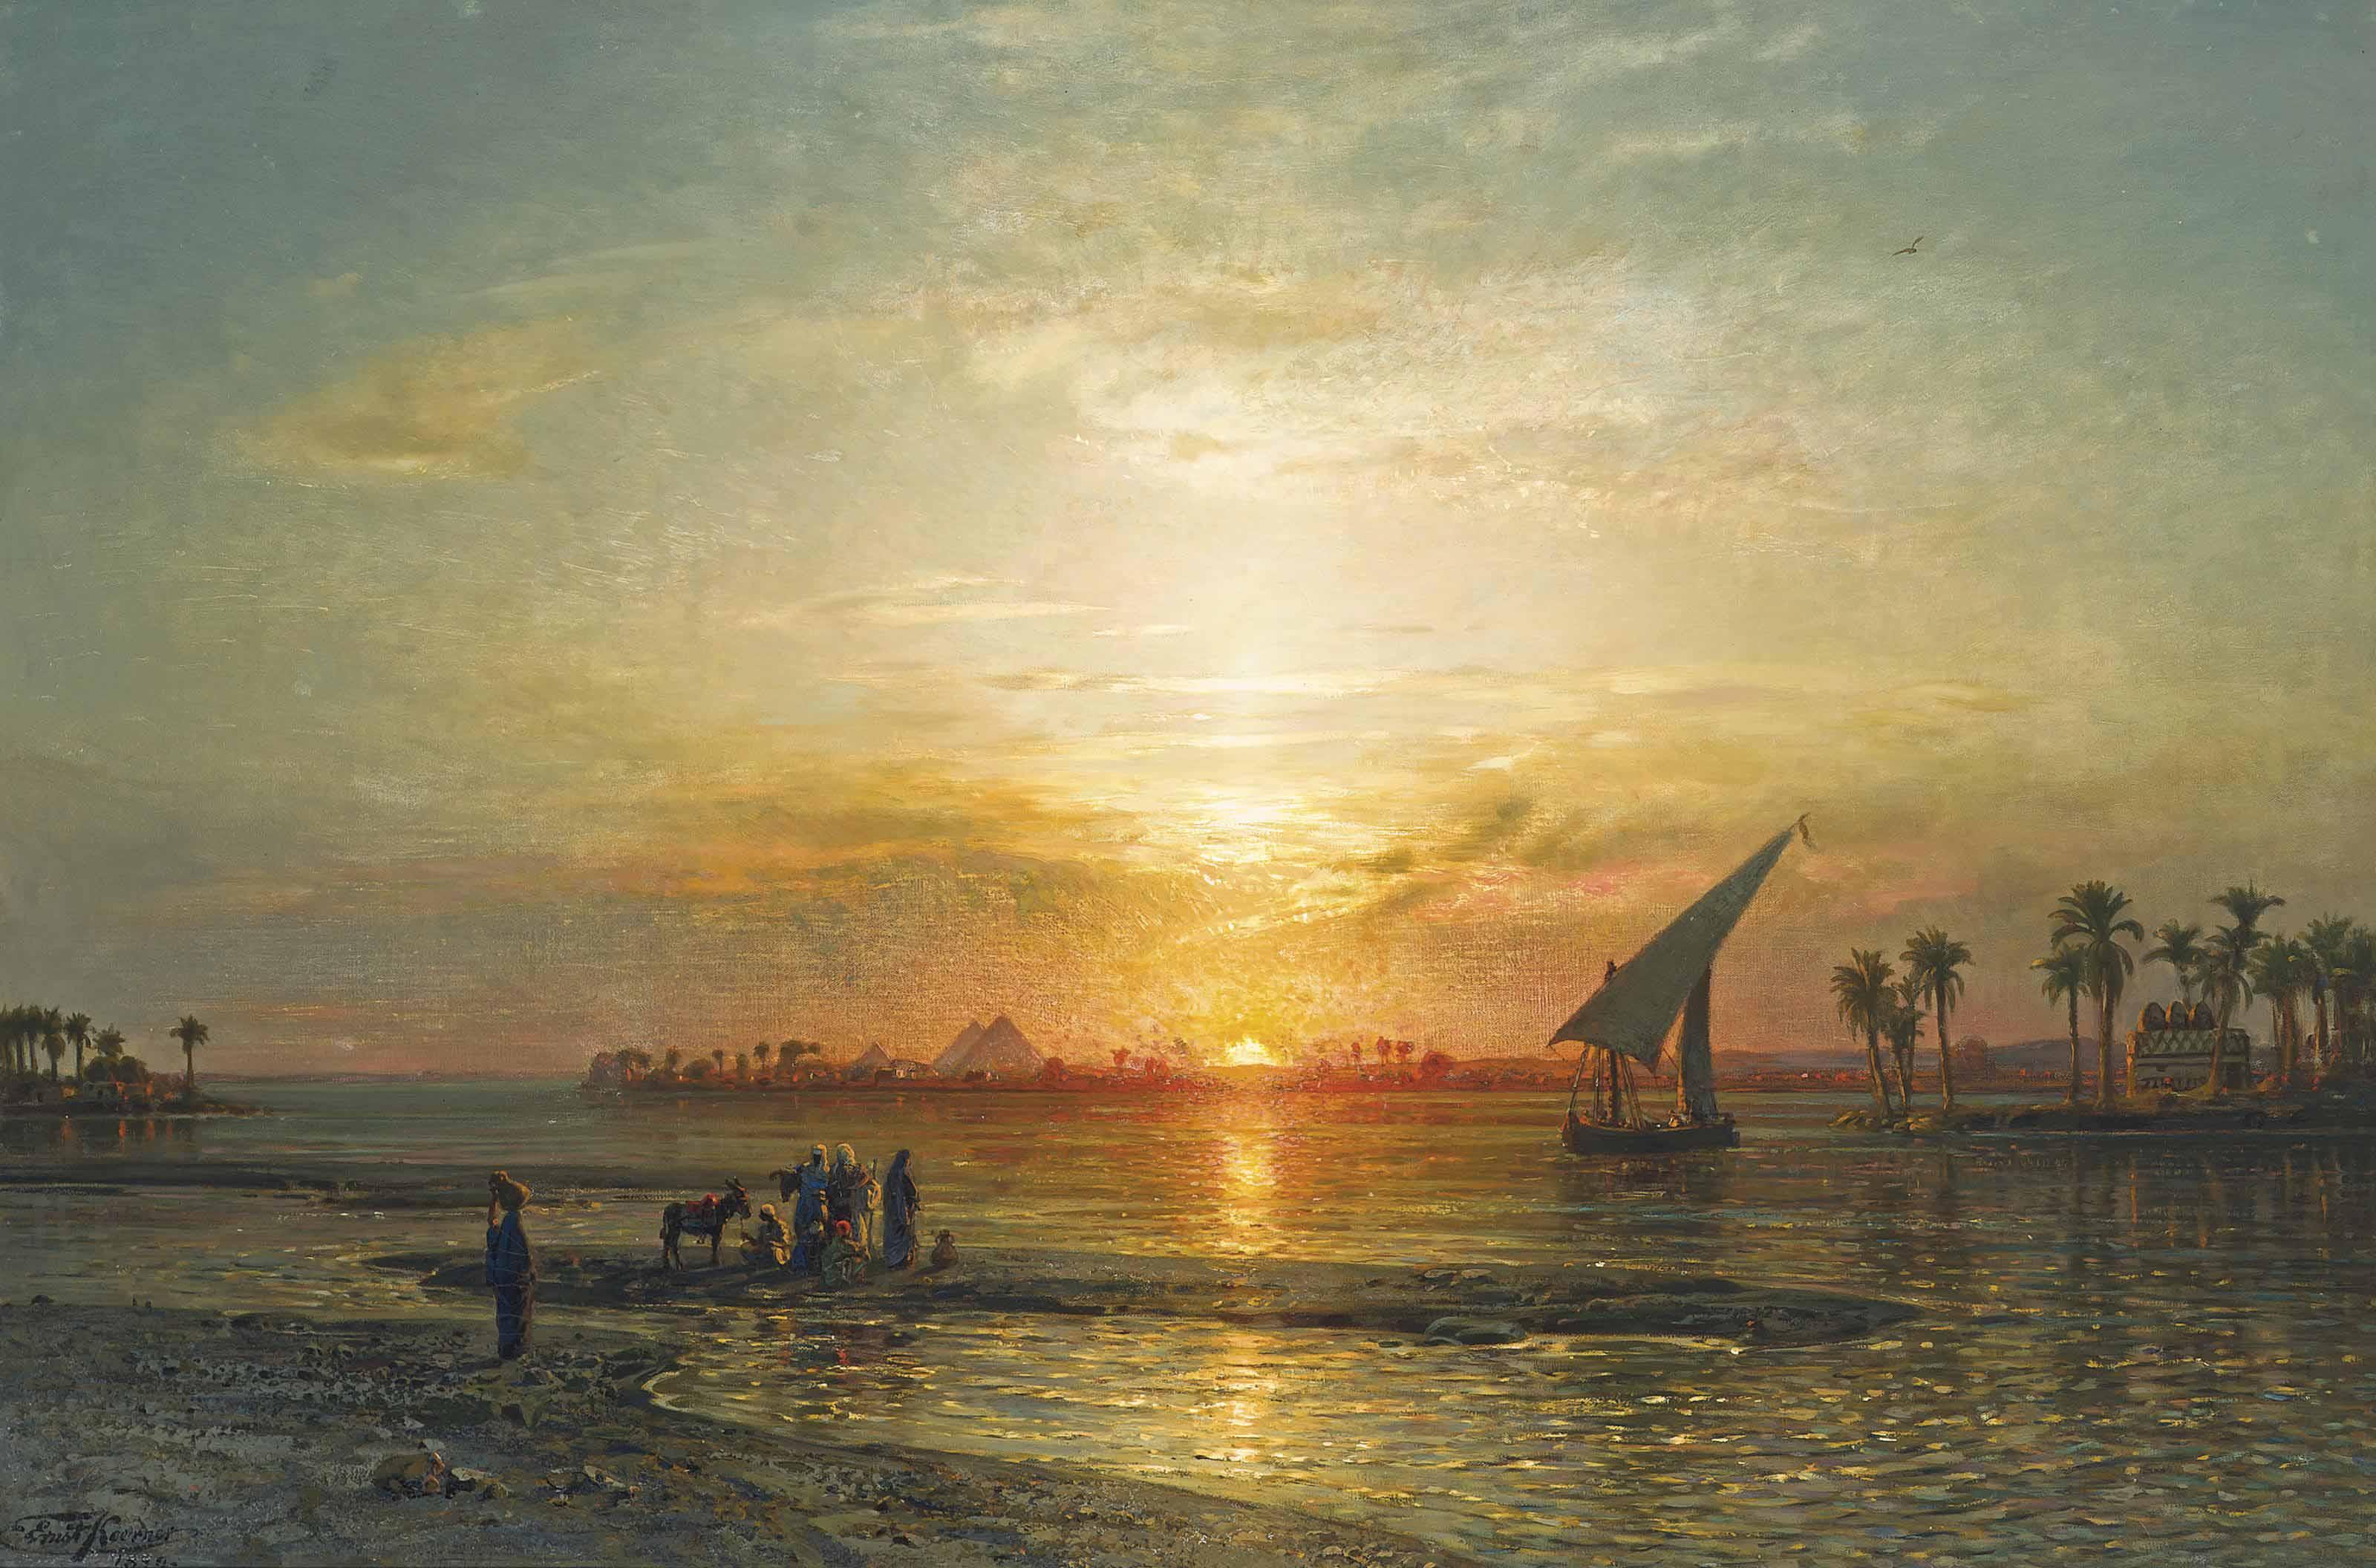 The Nile at Geza, dusk